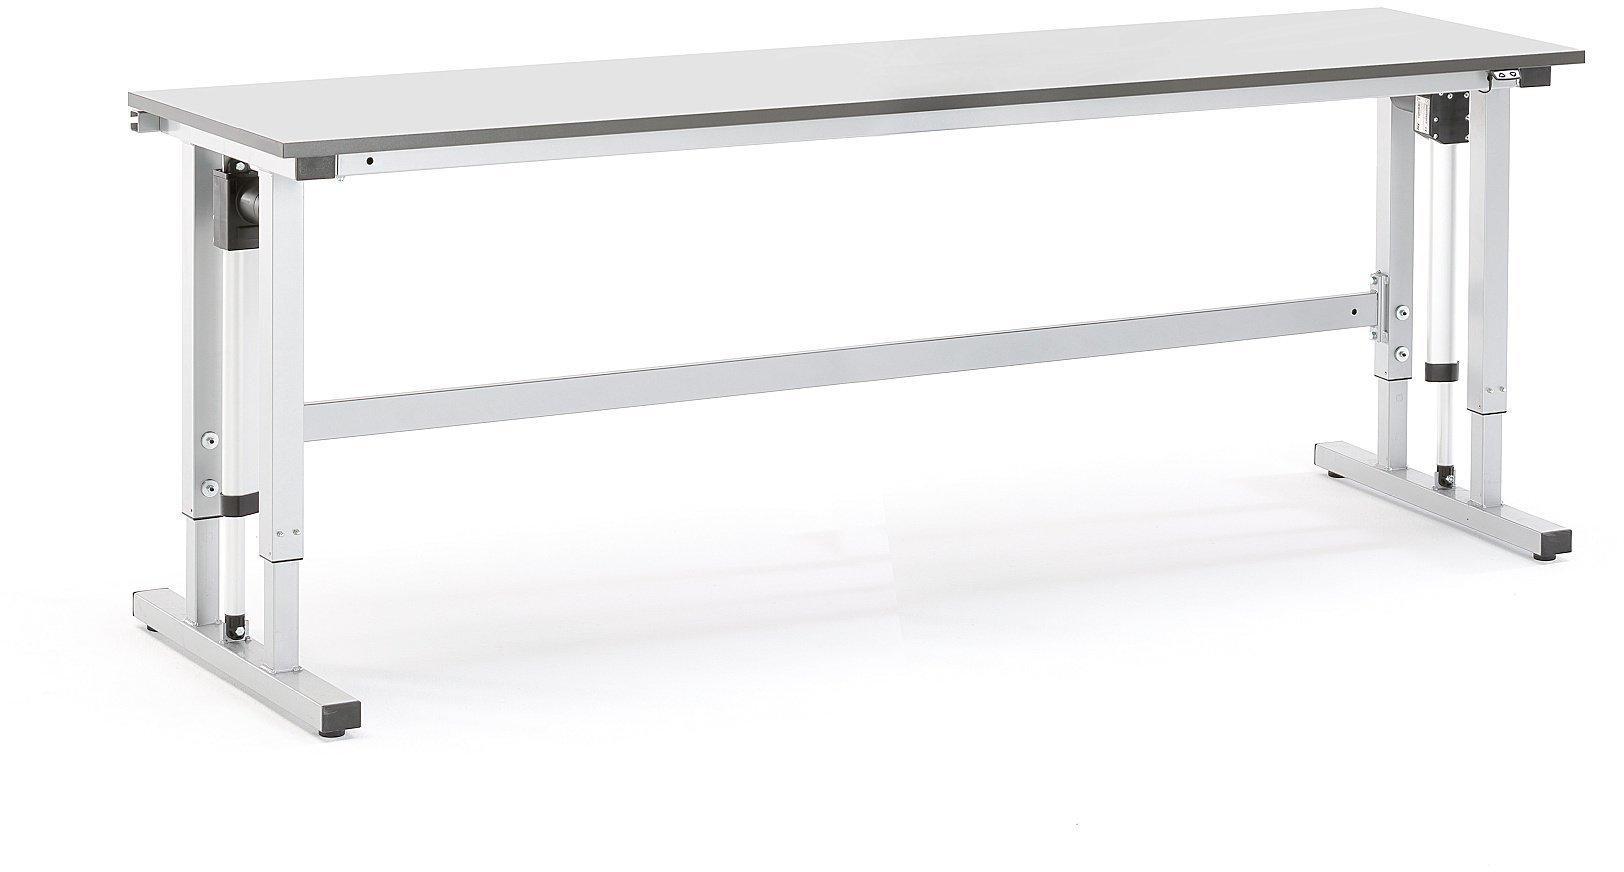 Výškovo nastaviteľný dielenský stôl Motion, 2500x600 mm, nosnosť 300 kg